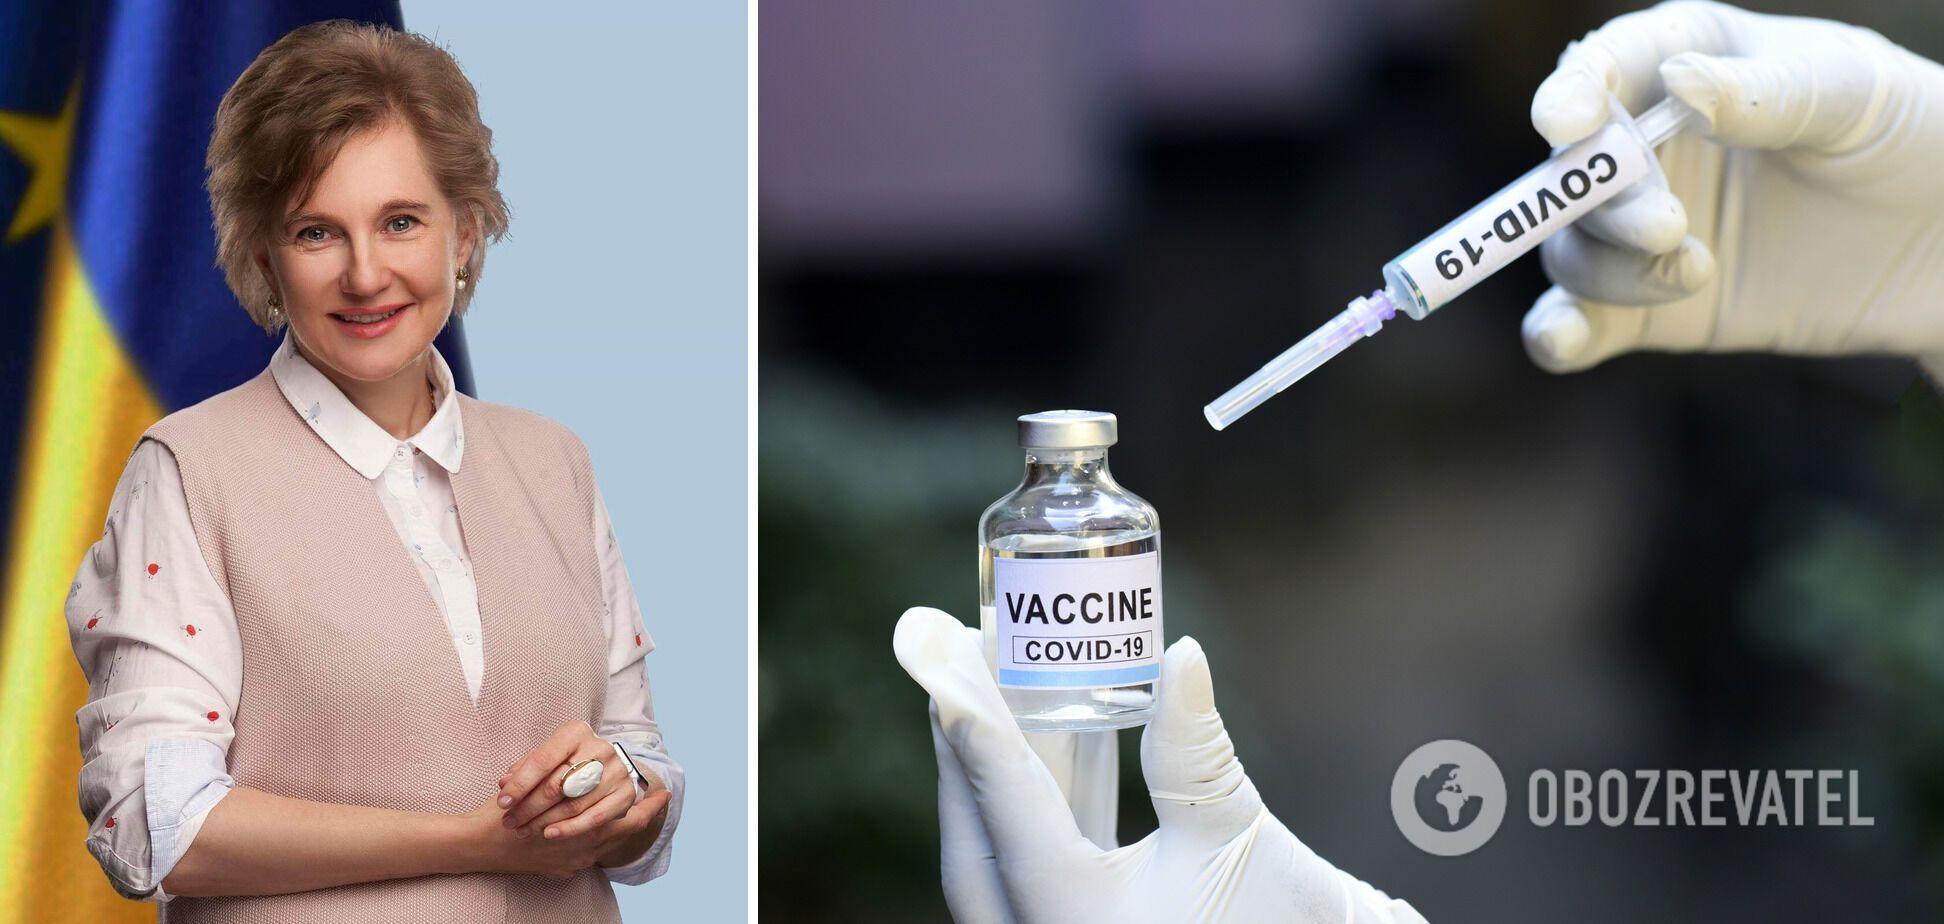 Нелогічно вимагати від усіх медиків вакцинації проти COVID-19, – Голубовська